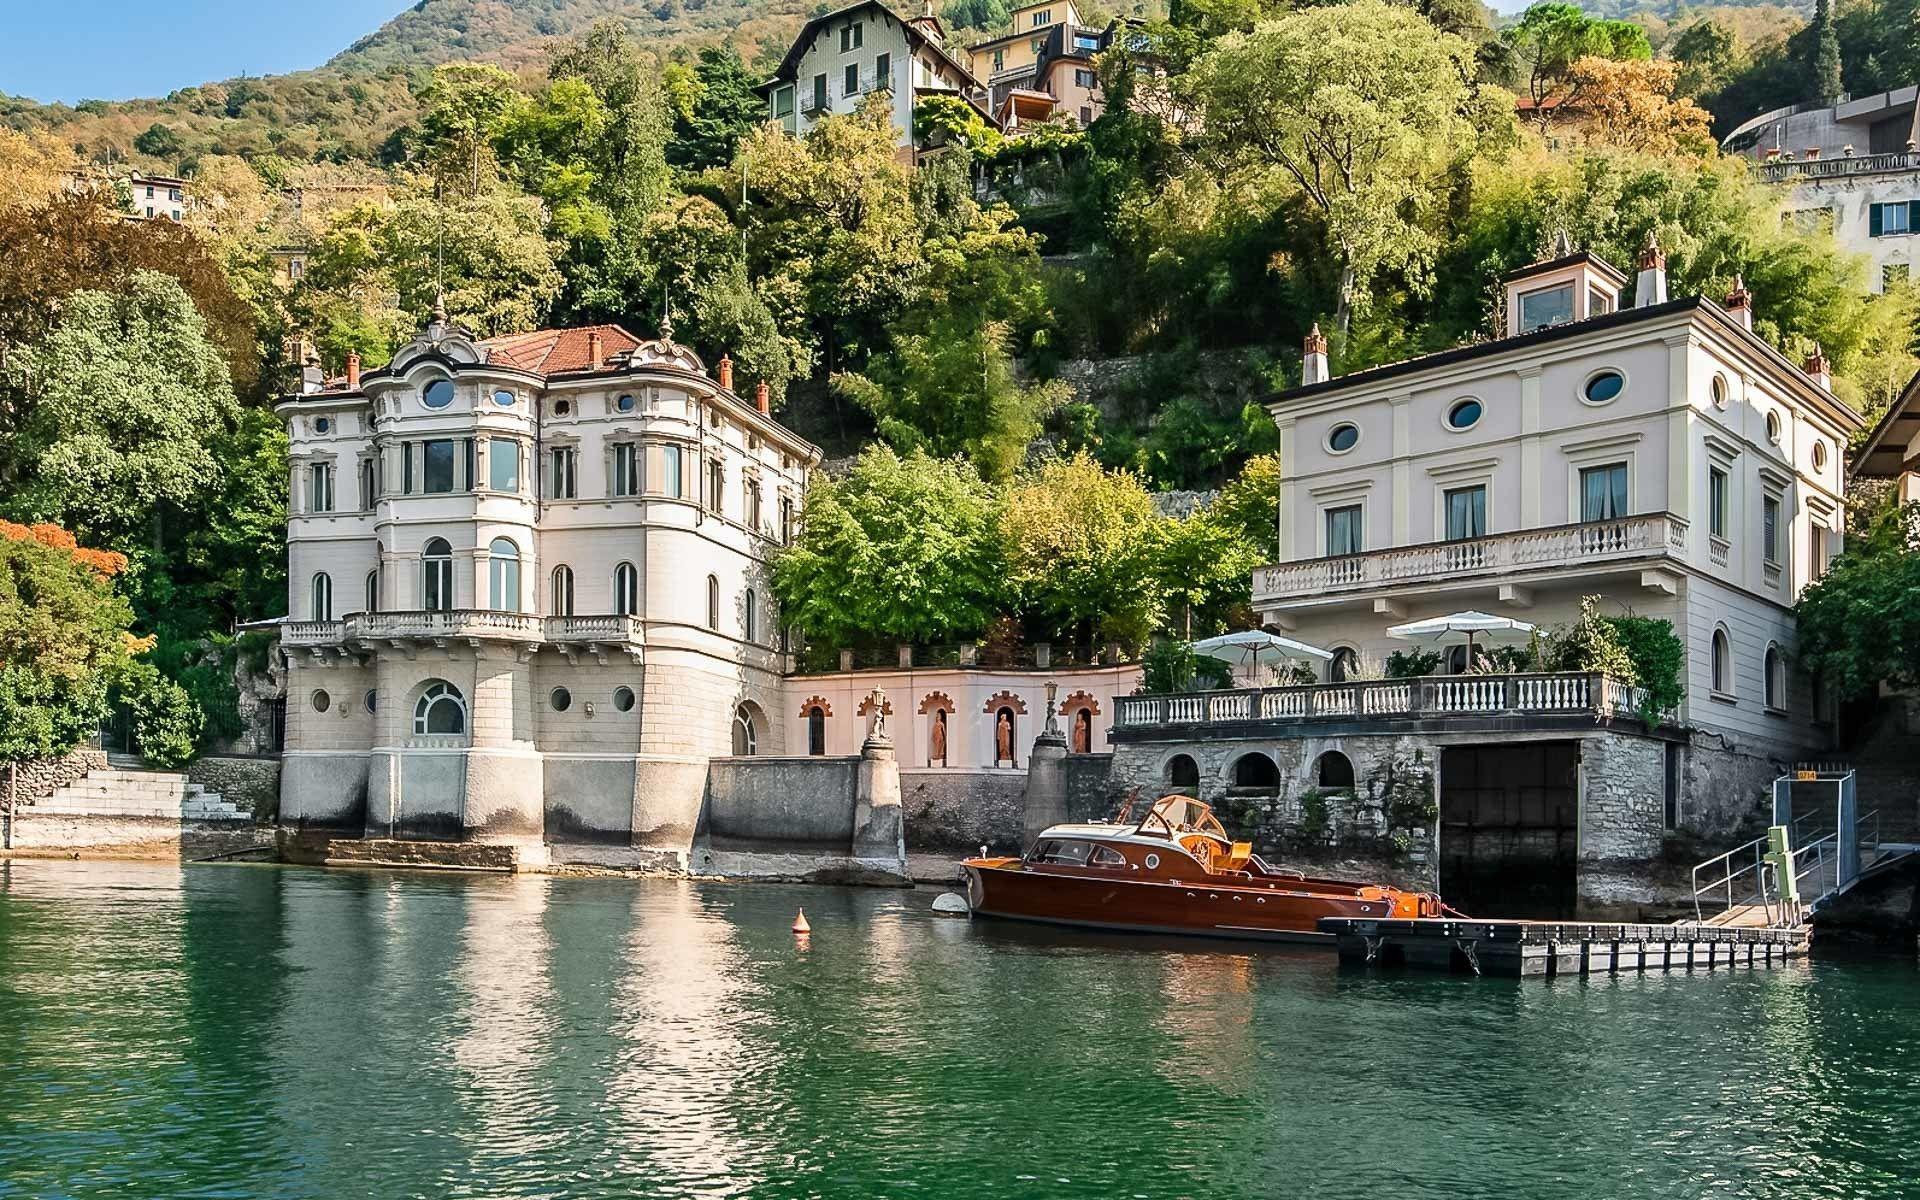 Excursion d'une journée complète au lac de Côme et à Bellagio